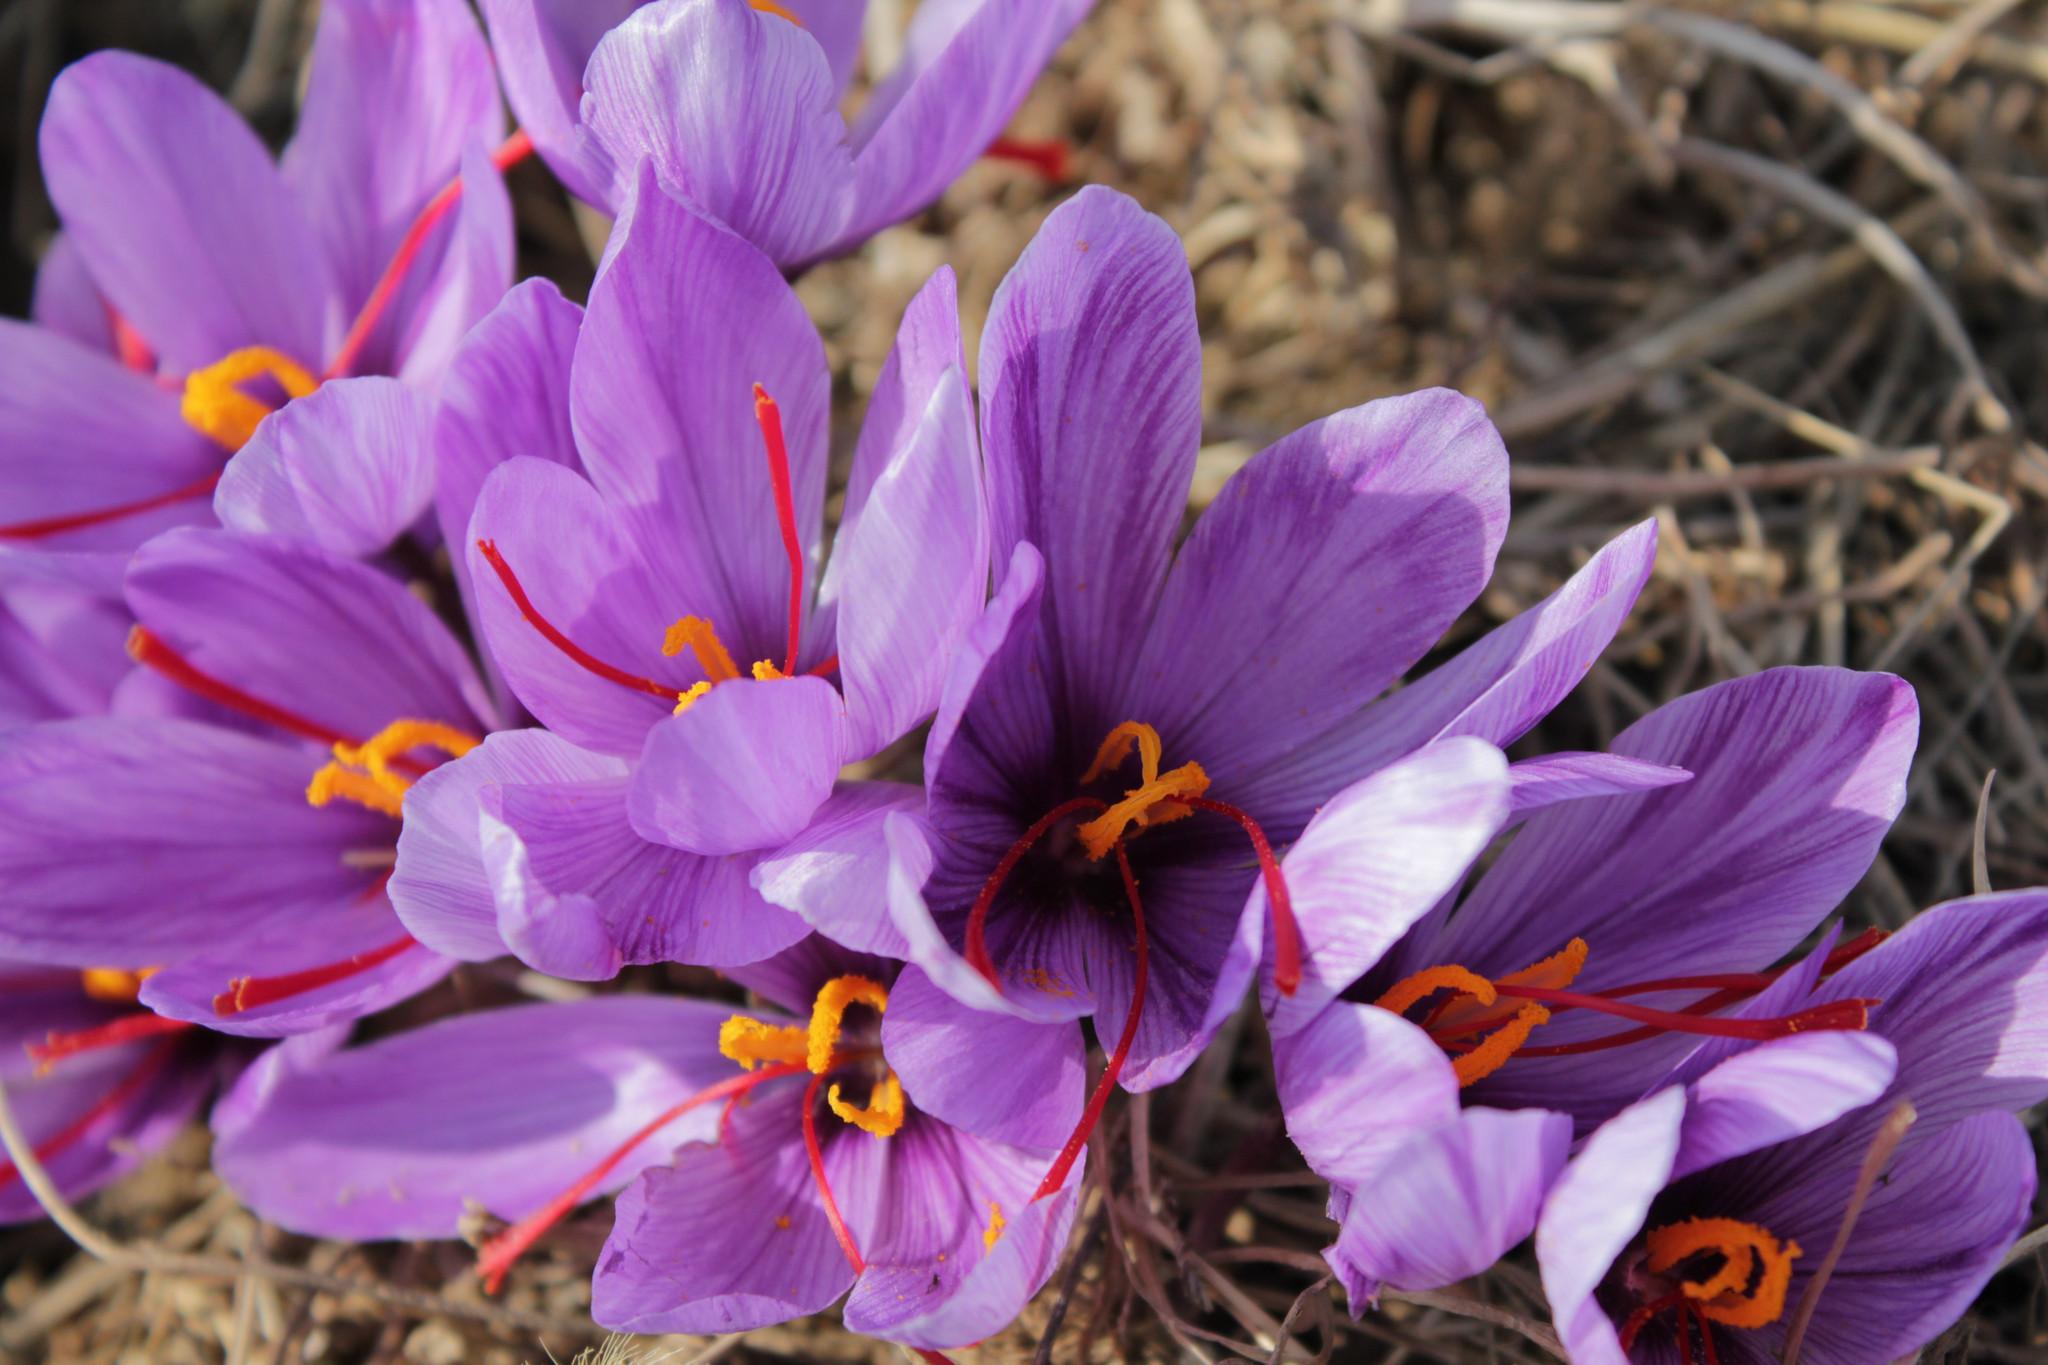 چگونه زعفران اصل بخریم؟- پایگاه اینترنتی دانستنی در ایران